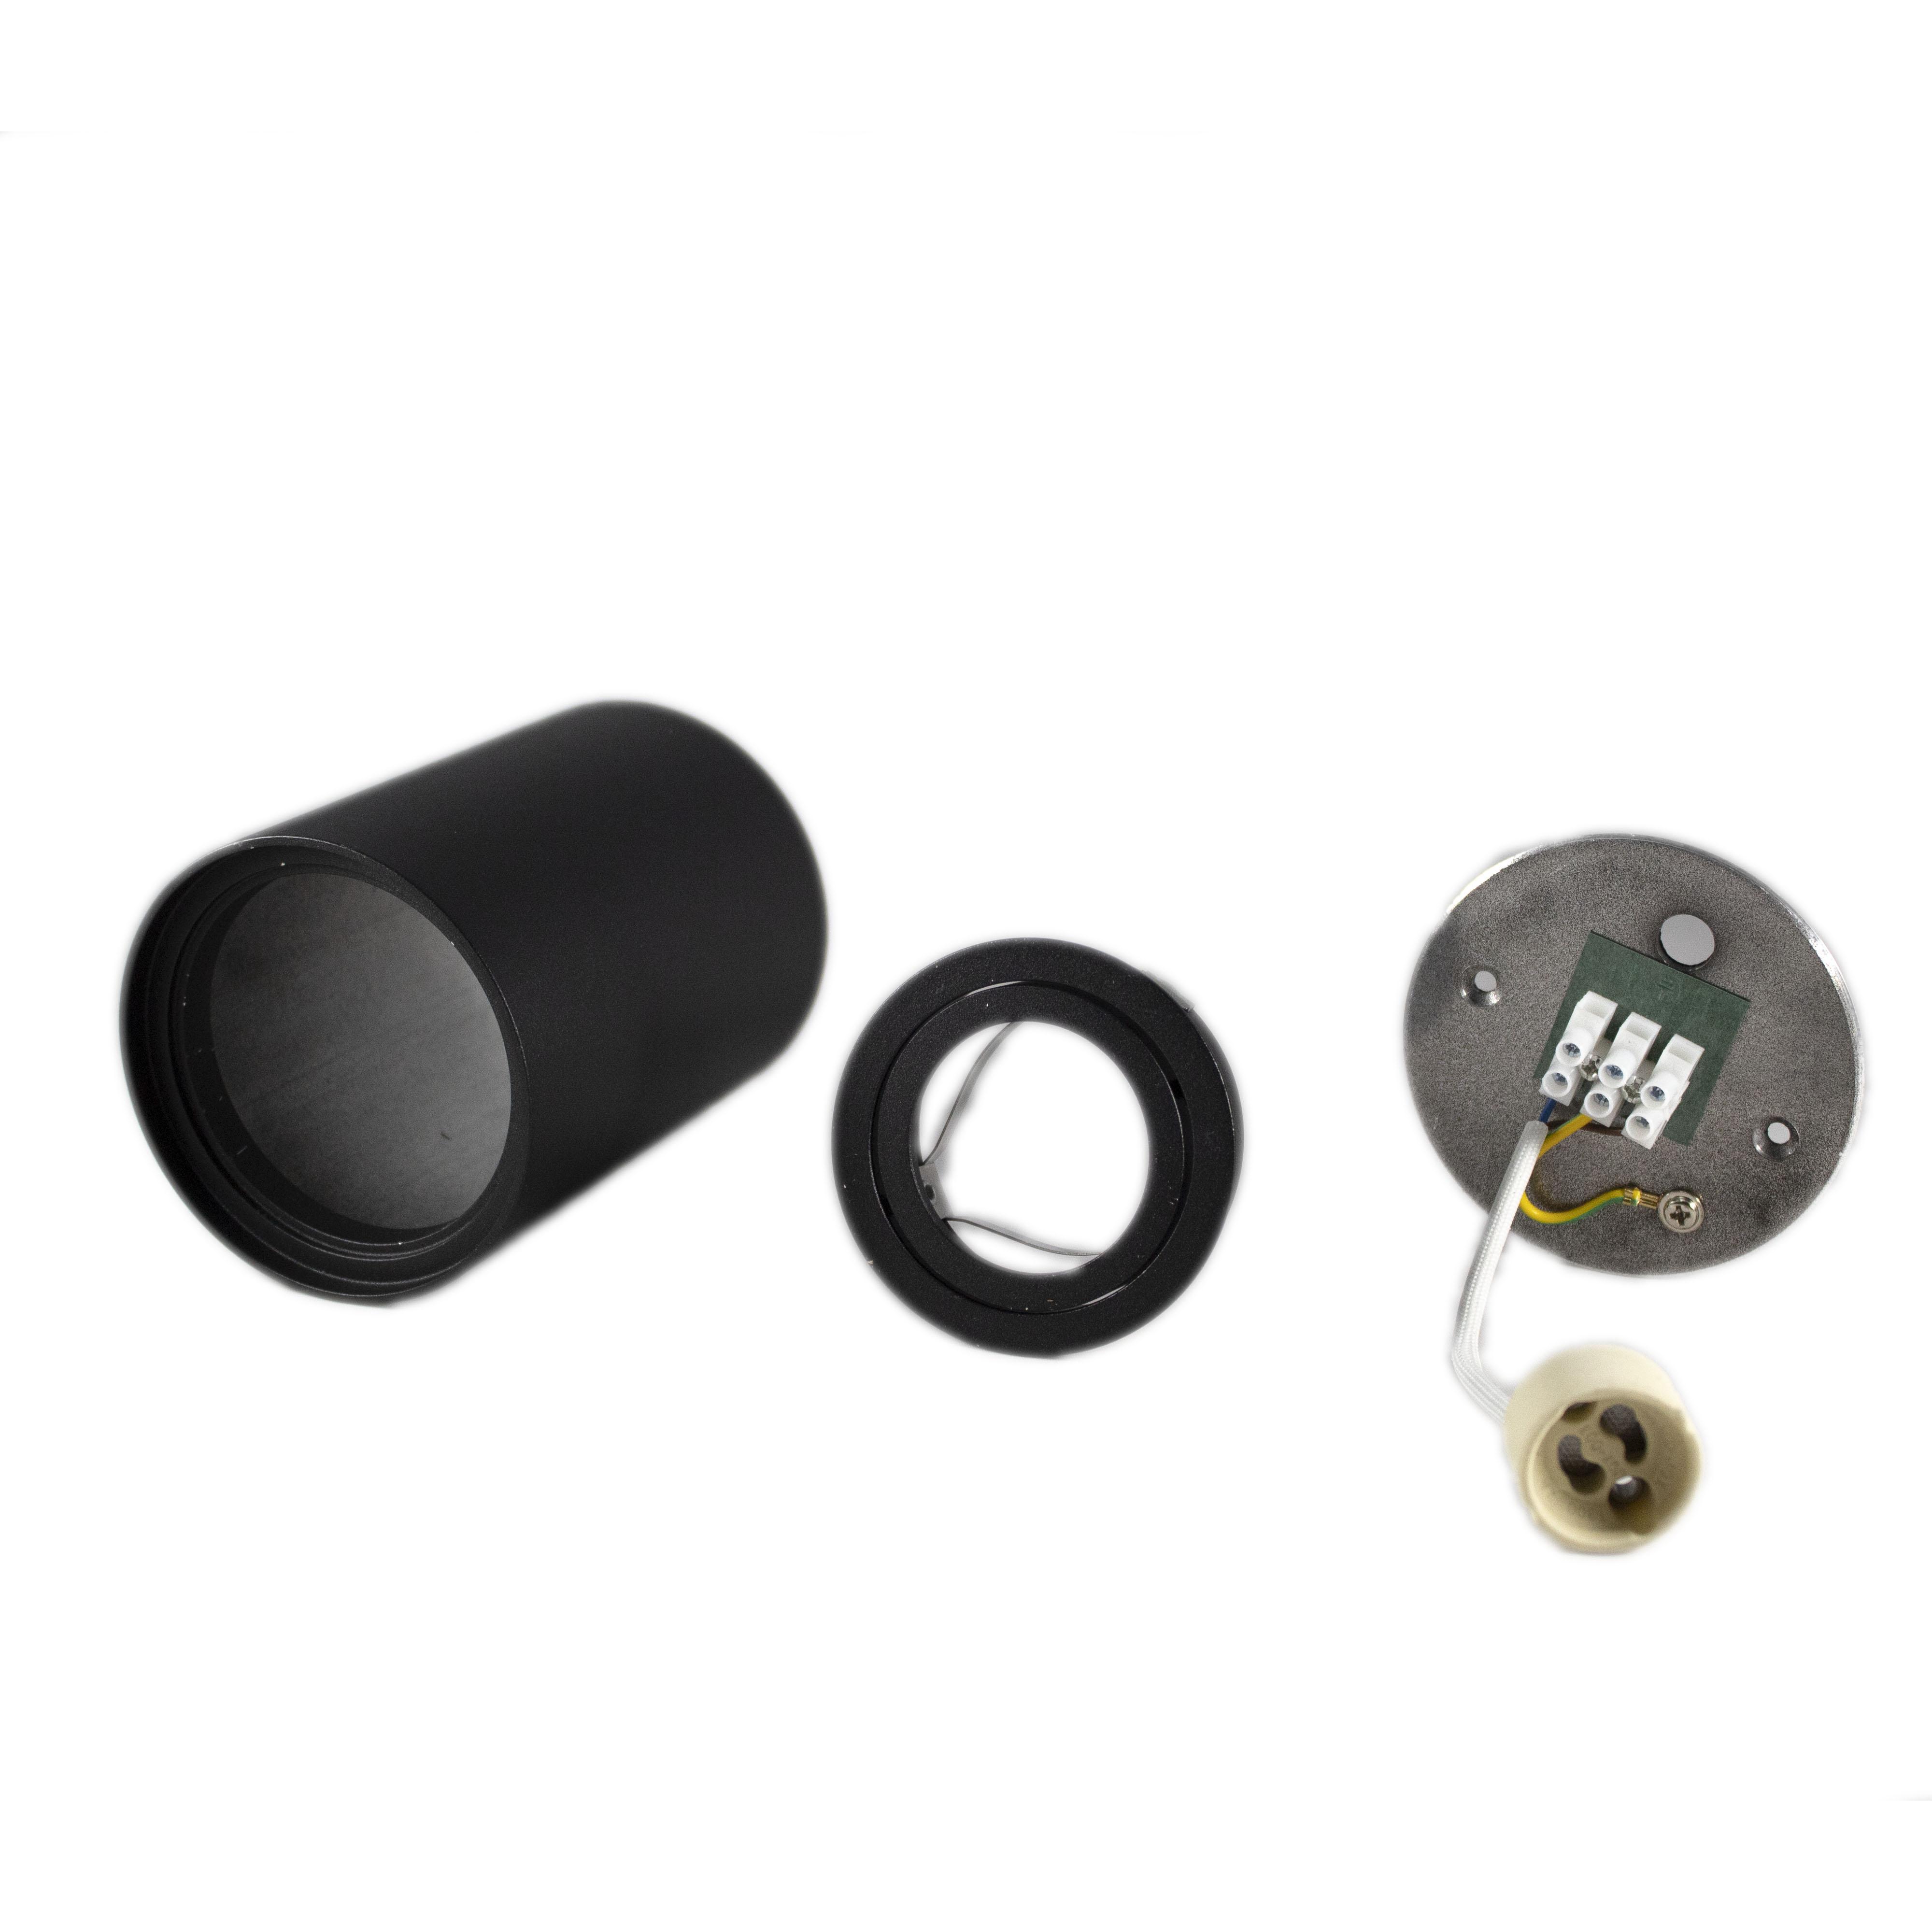 Opbouw spot armatuur zwart rond kantelbaar GU10 fitting - onderdelen armatuur